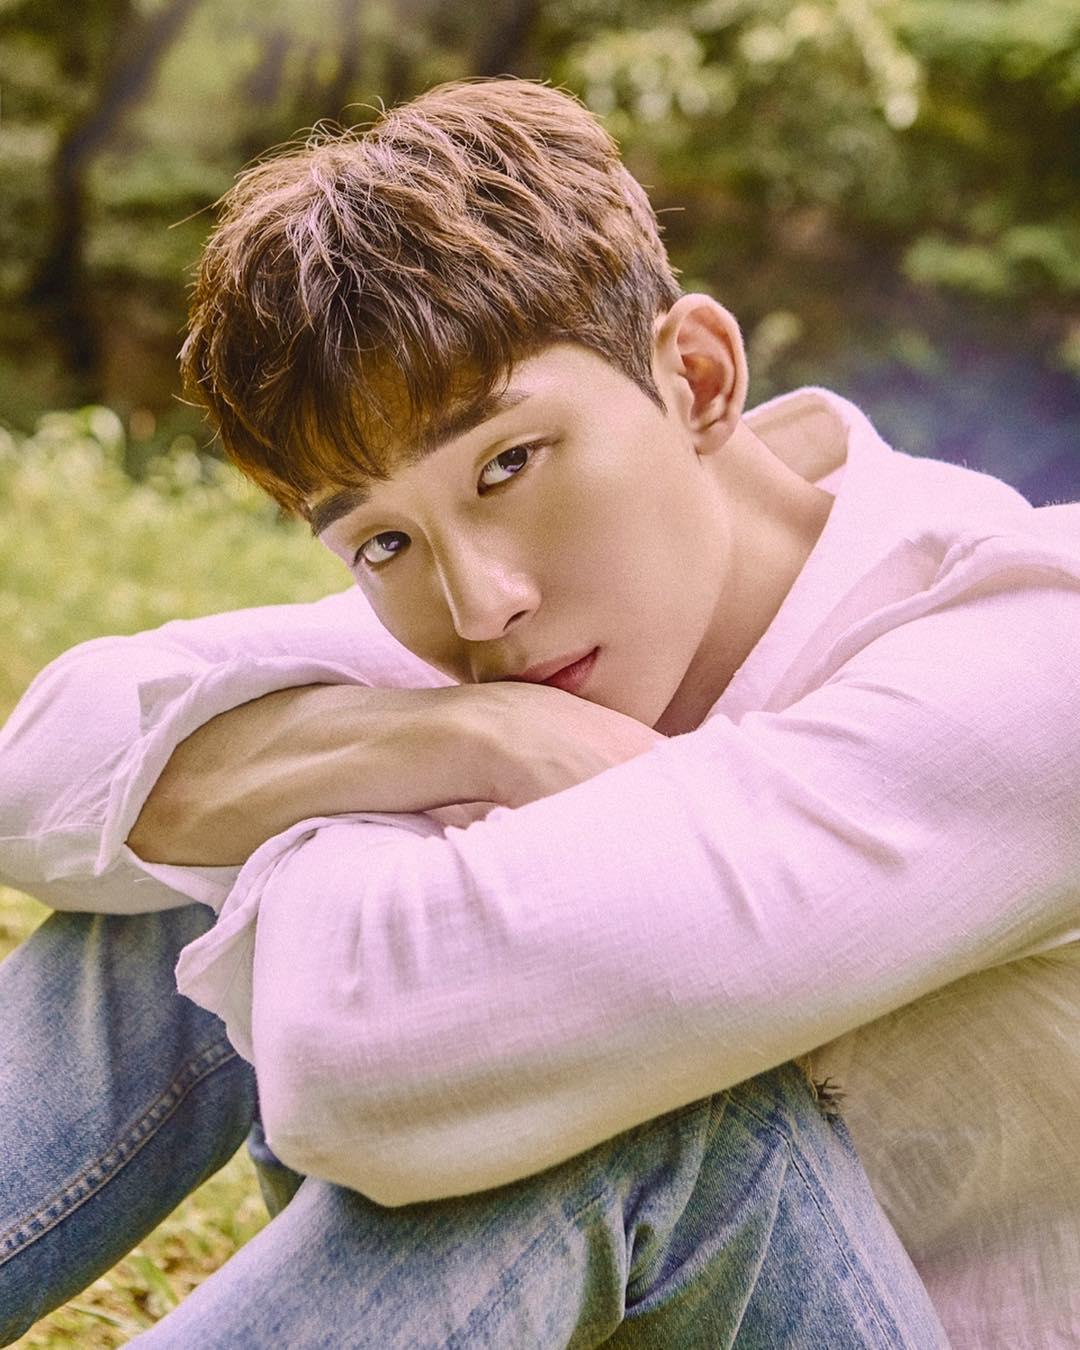 Baek Jae Min